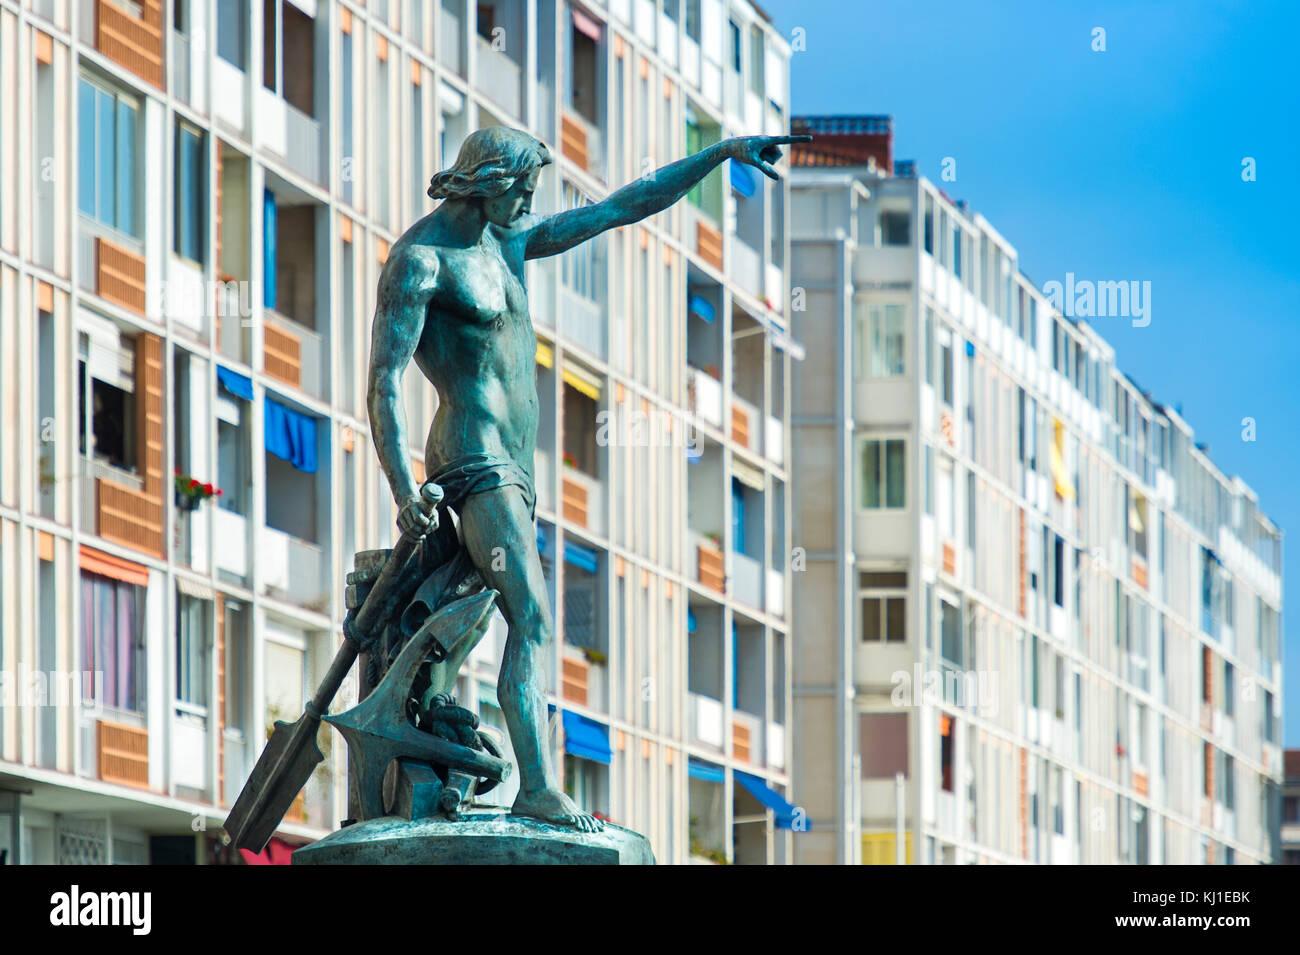 Europa, Francia, Var, Tolone. Quai Cronstadt statua del Genio di navigazione, opera dello scultore Louis-Joseph Immagini Stock